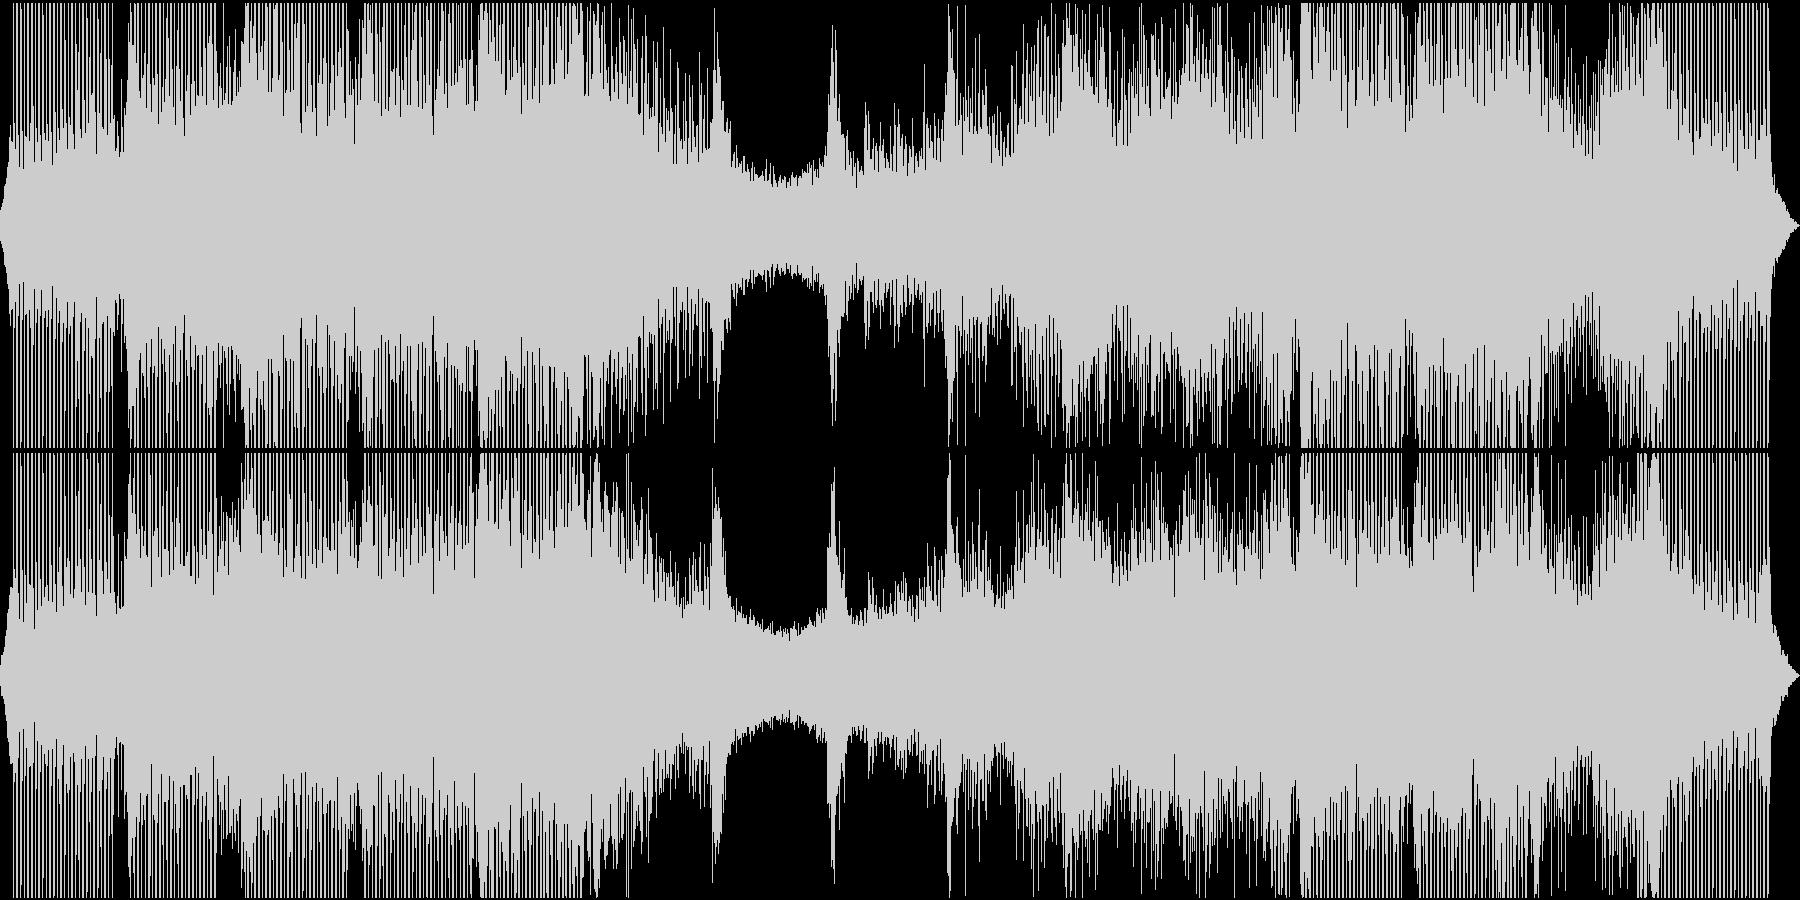 ポジティブでループ感のある曲の未再生の波形